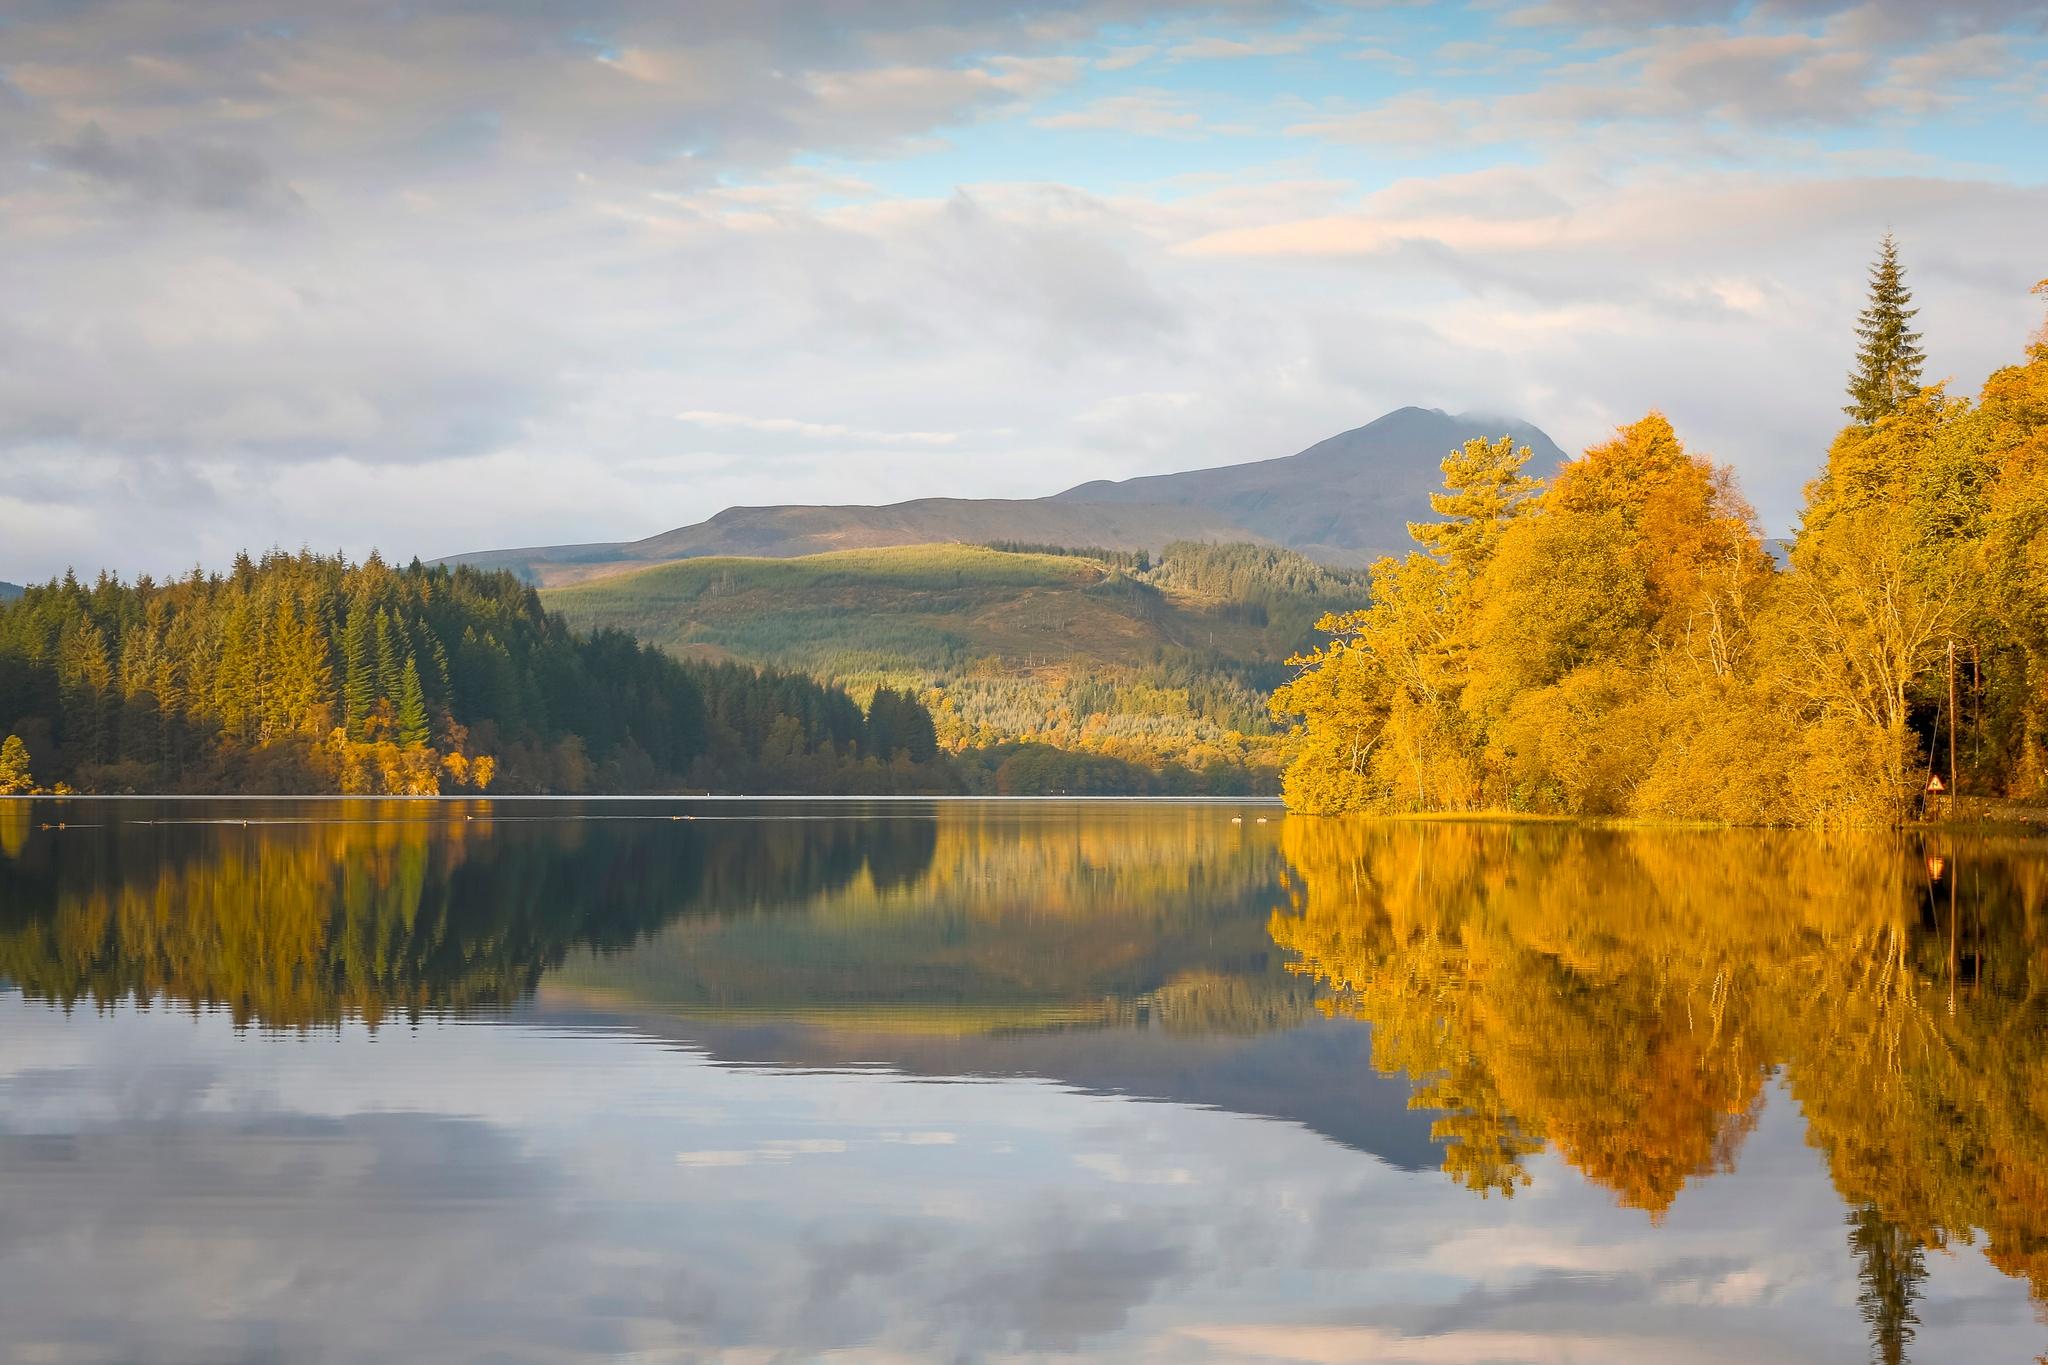 Loch Ard in Loch Lomond & The Trossachs National Park